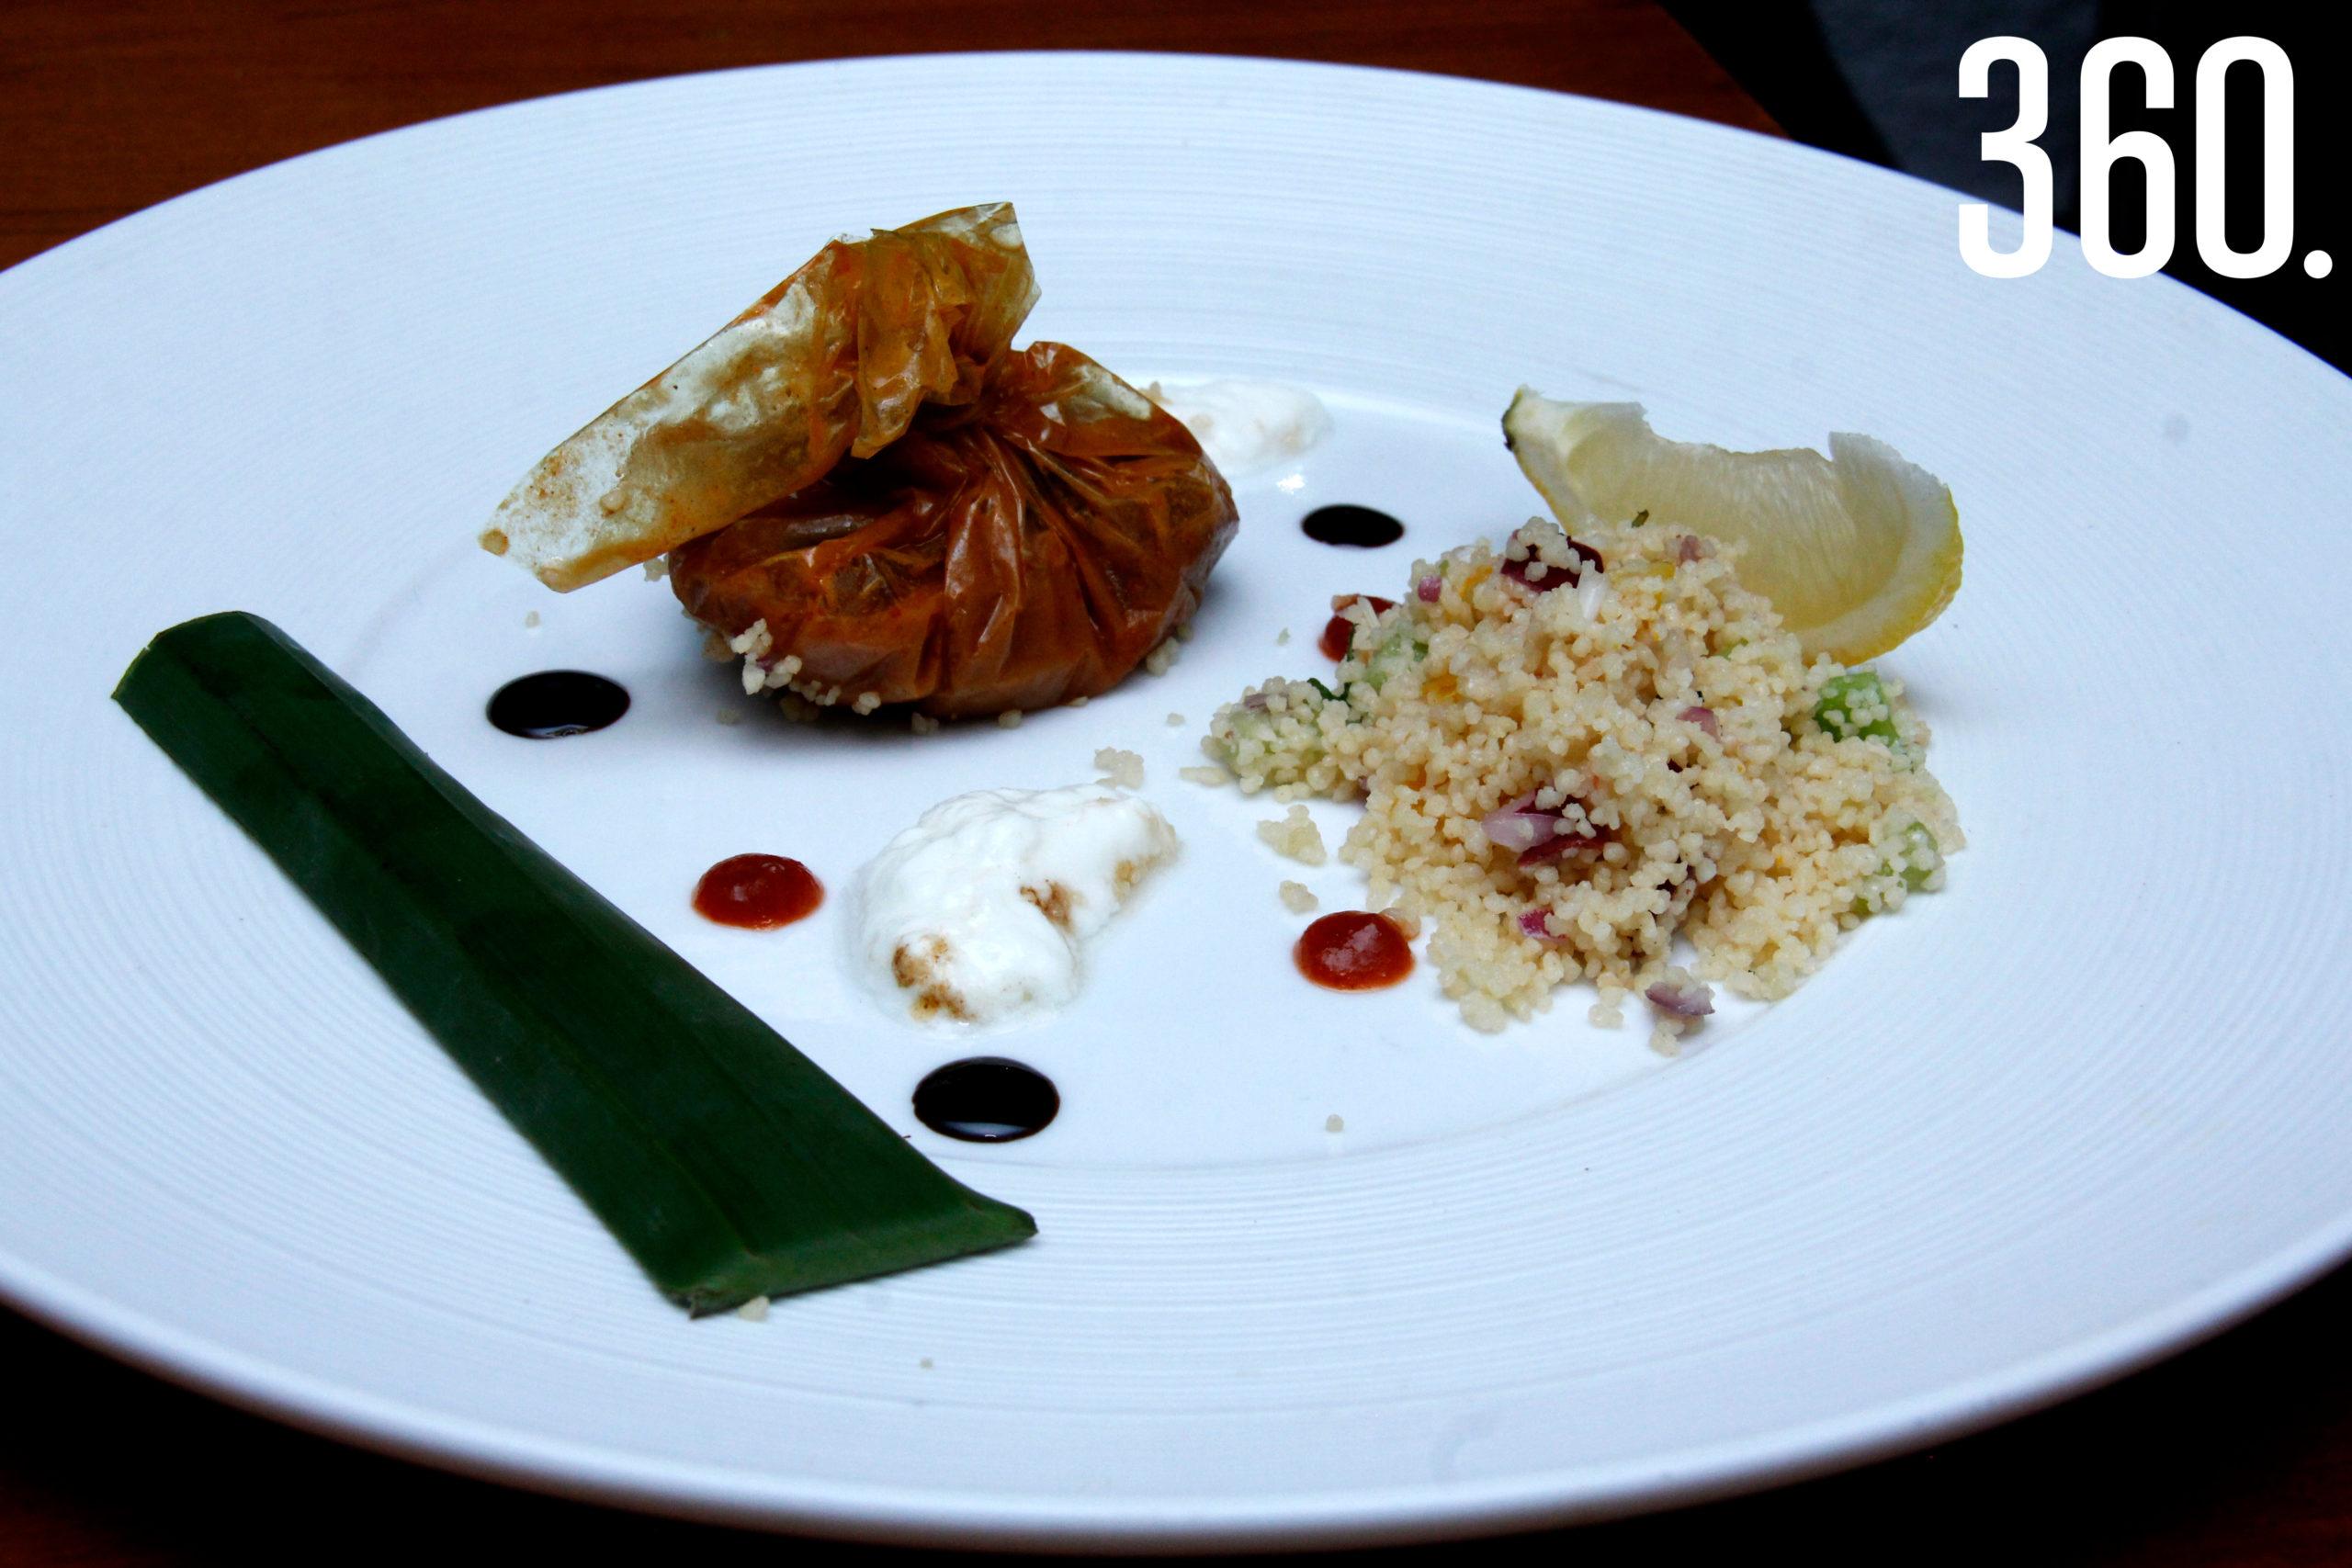 Mixiote relleno de pulpo con curry de lemon grass y coco, tabulé y jocoque, cuarto tiempo.